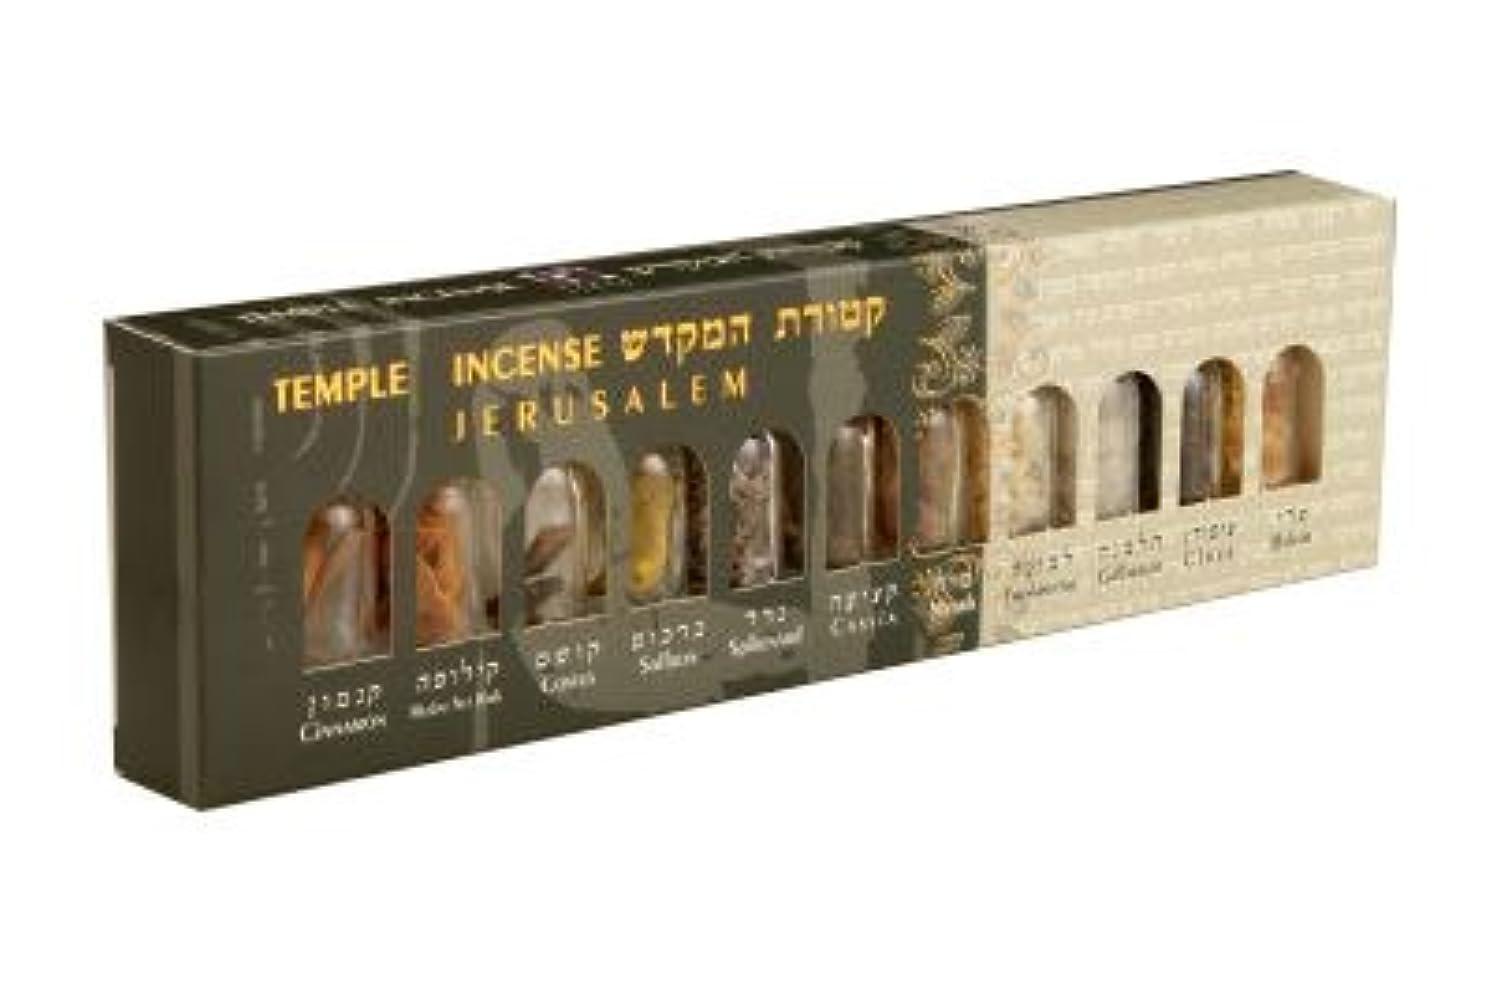 ショップ材料病院Temple Incense ' ketoras Hamikdash ' 11ボトルin aボックス